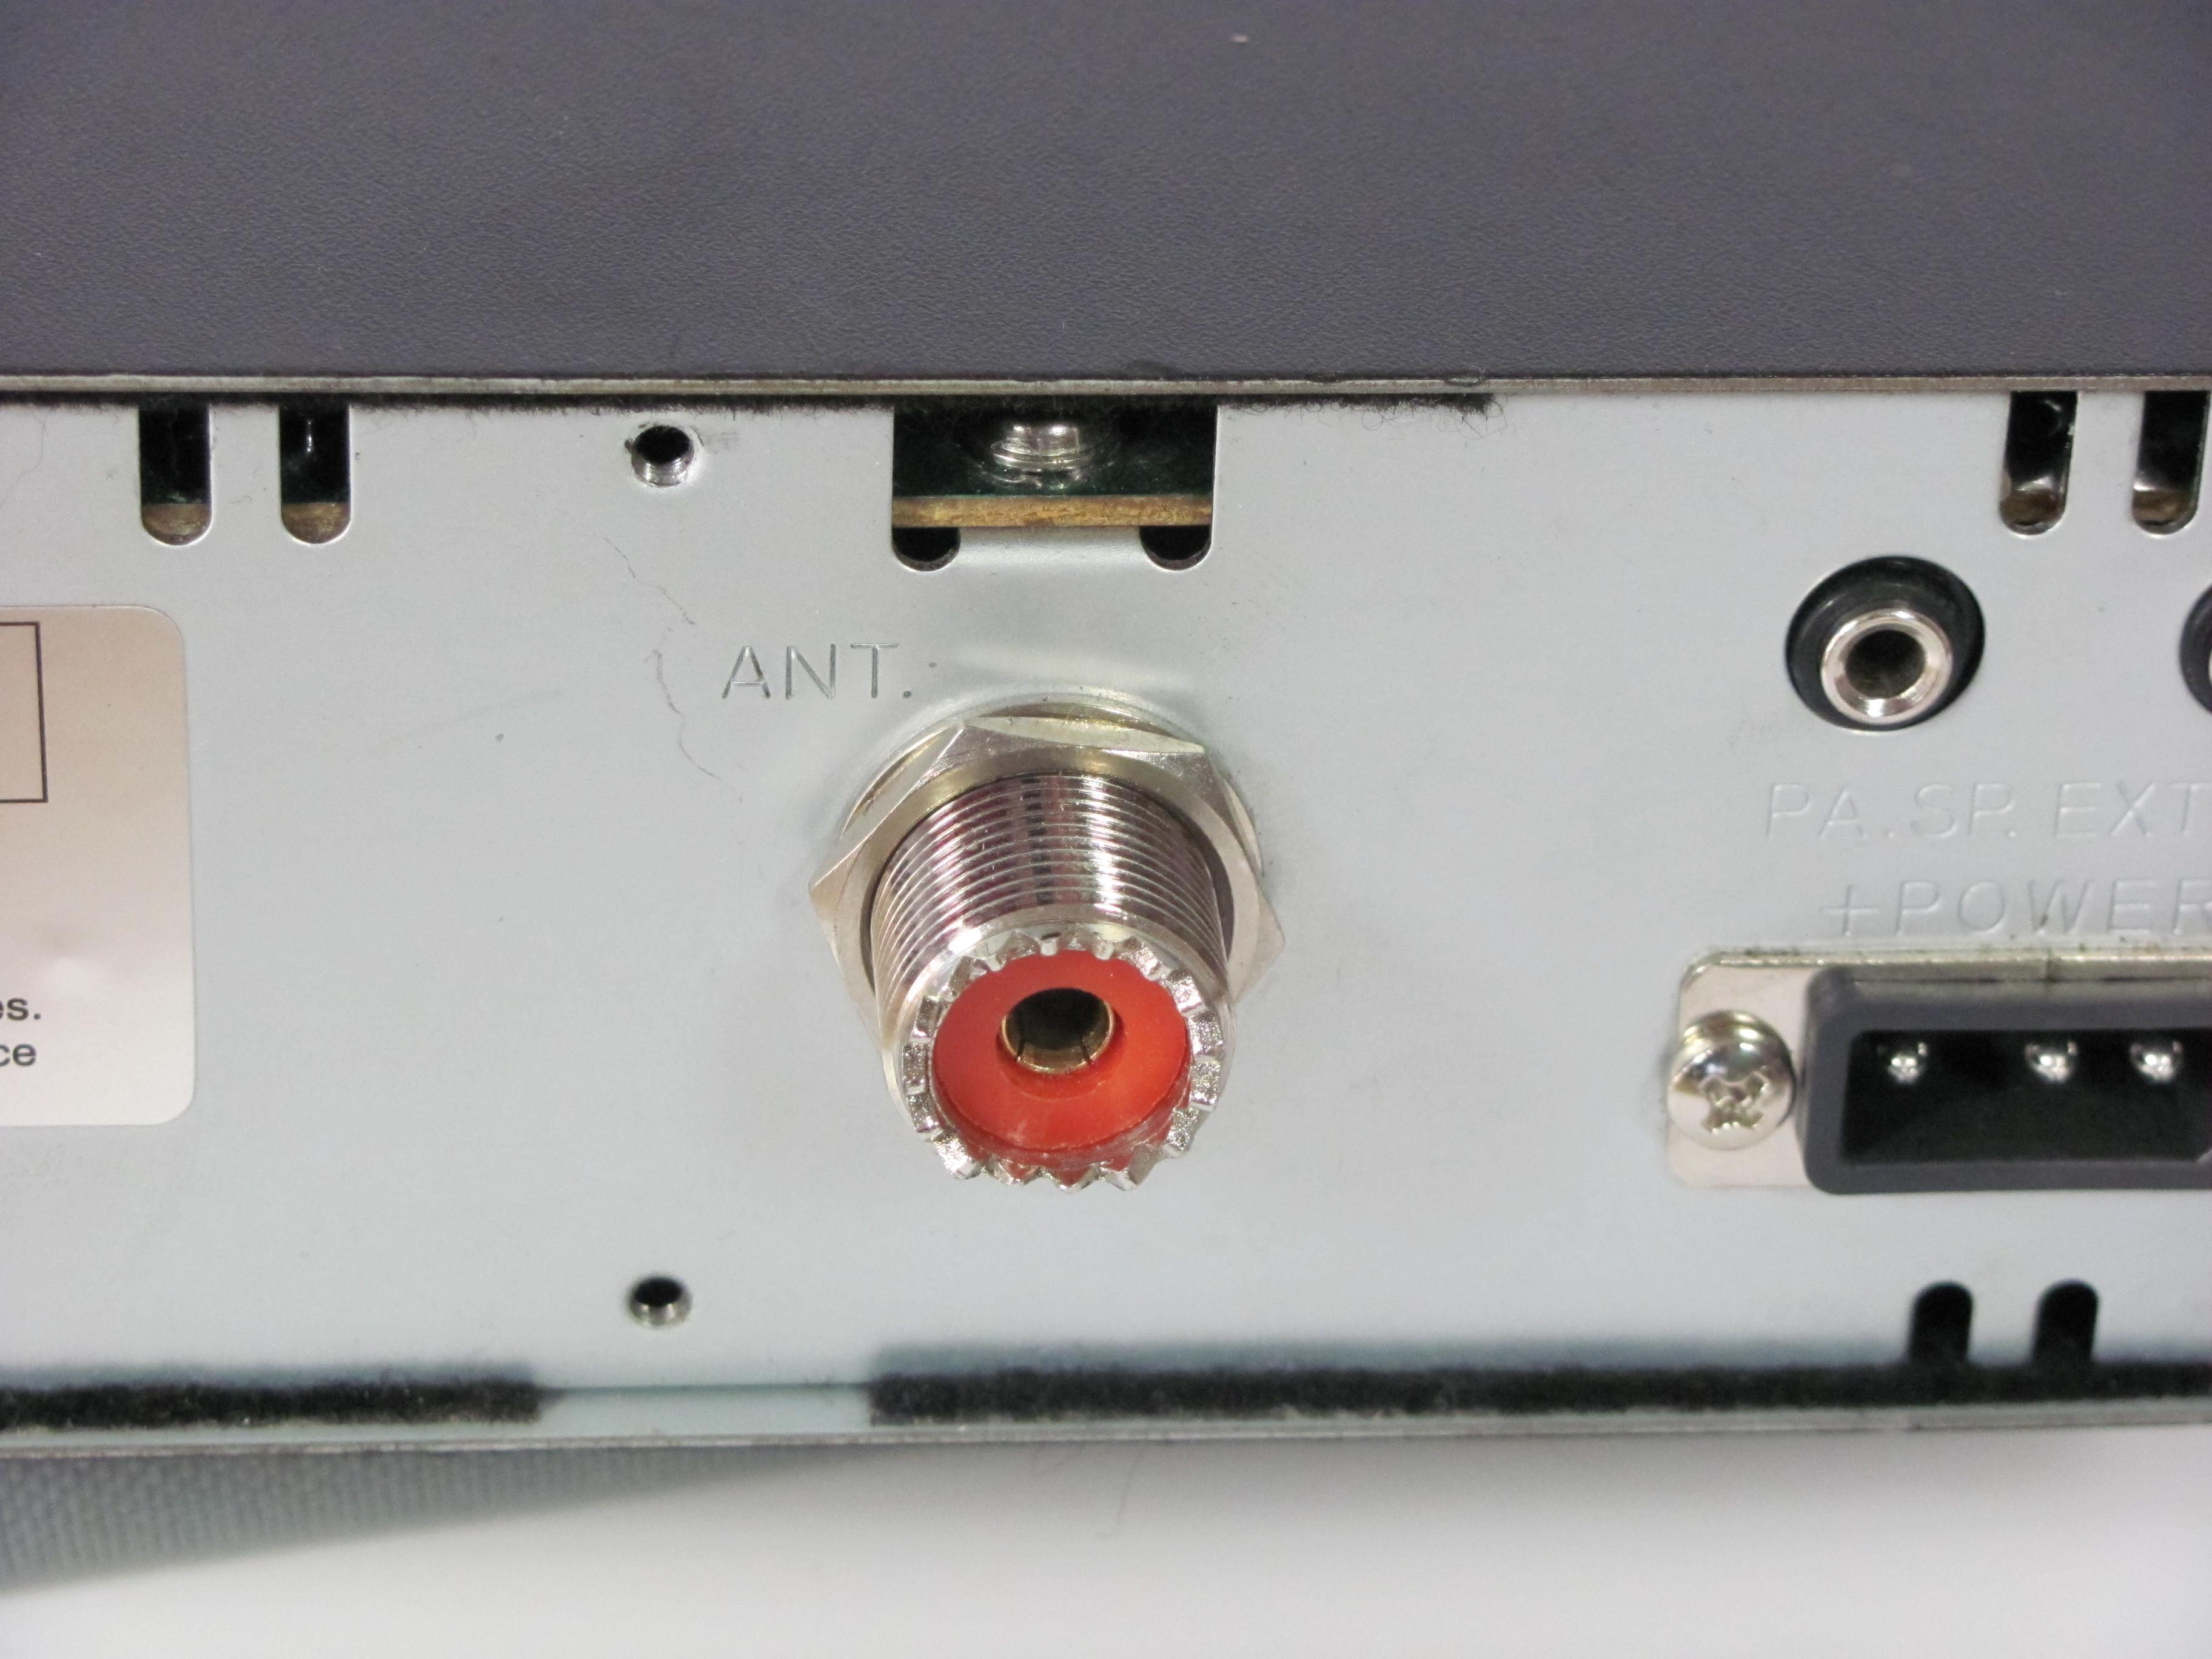 Antenna Connector